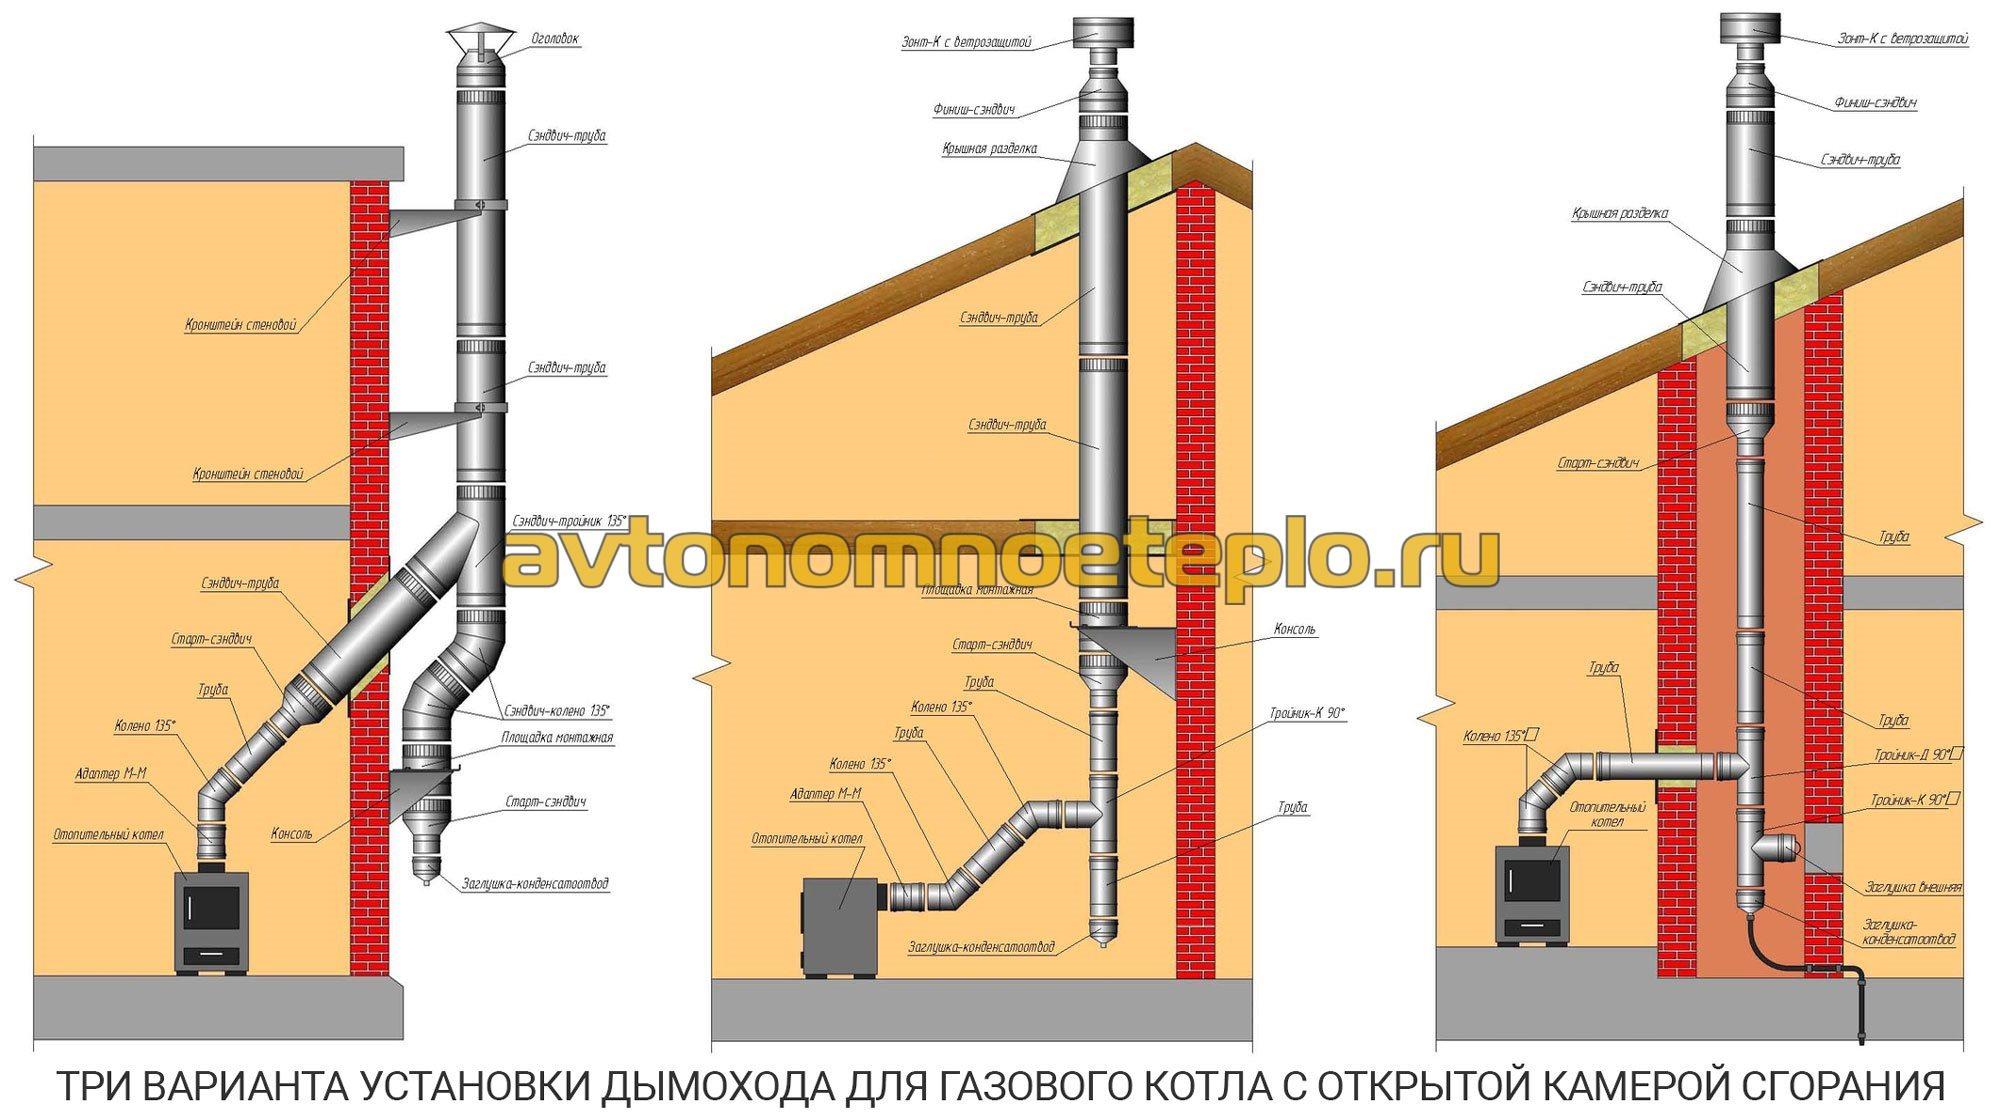 Дымоходы для газового котла своими руками фото 663